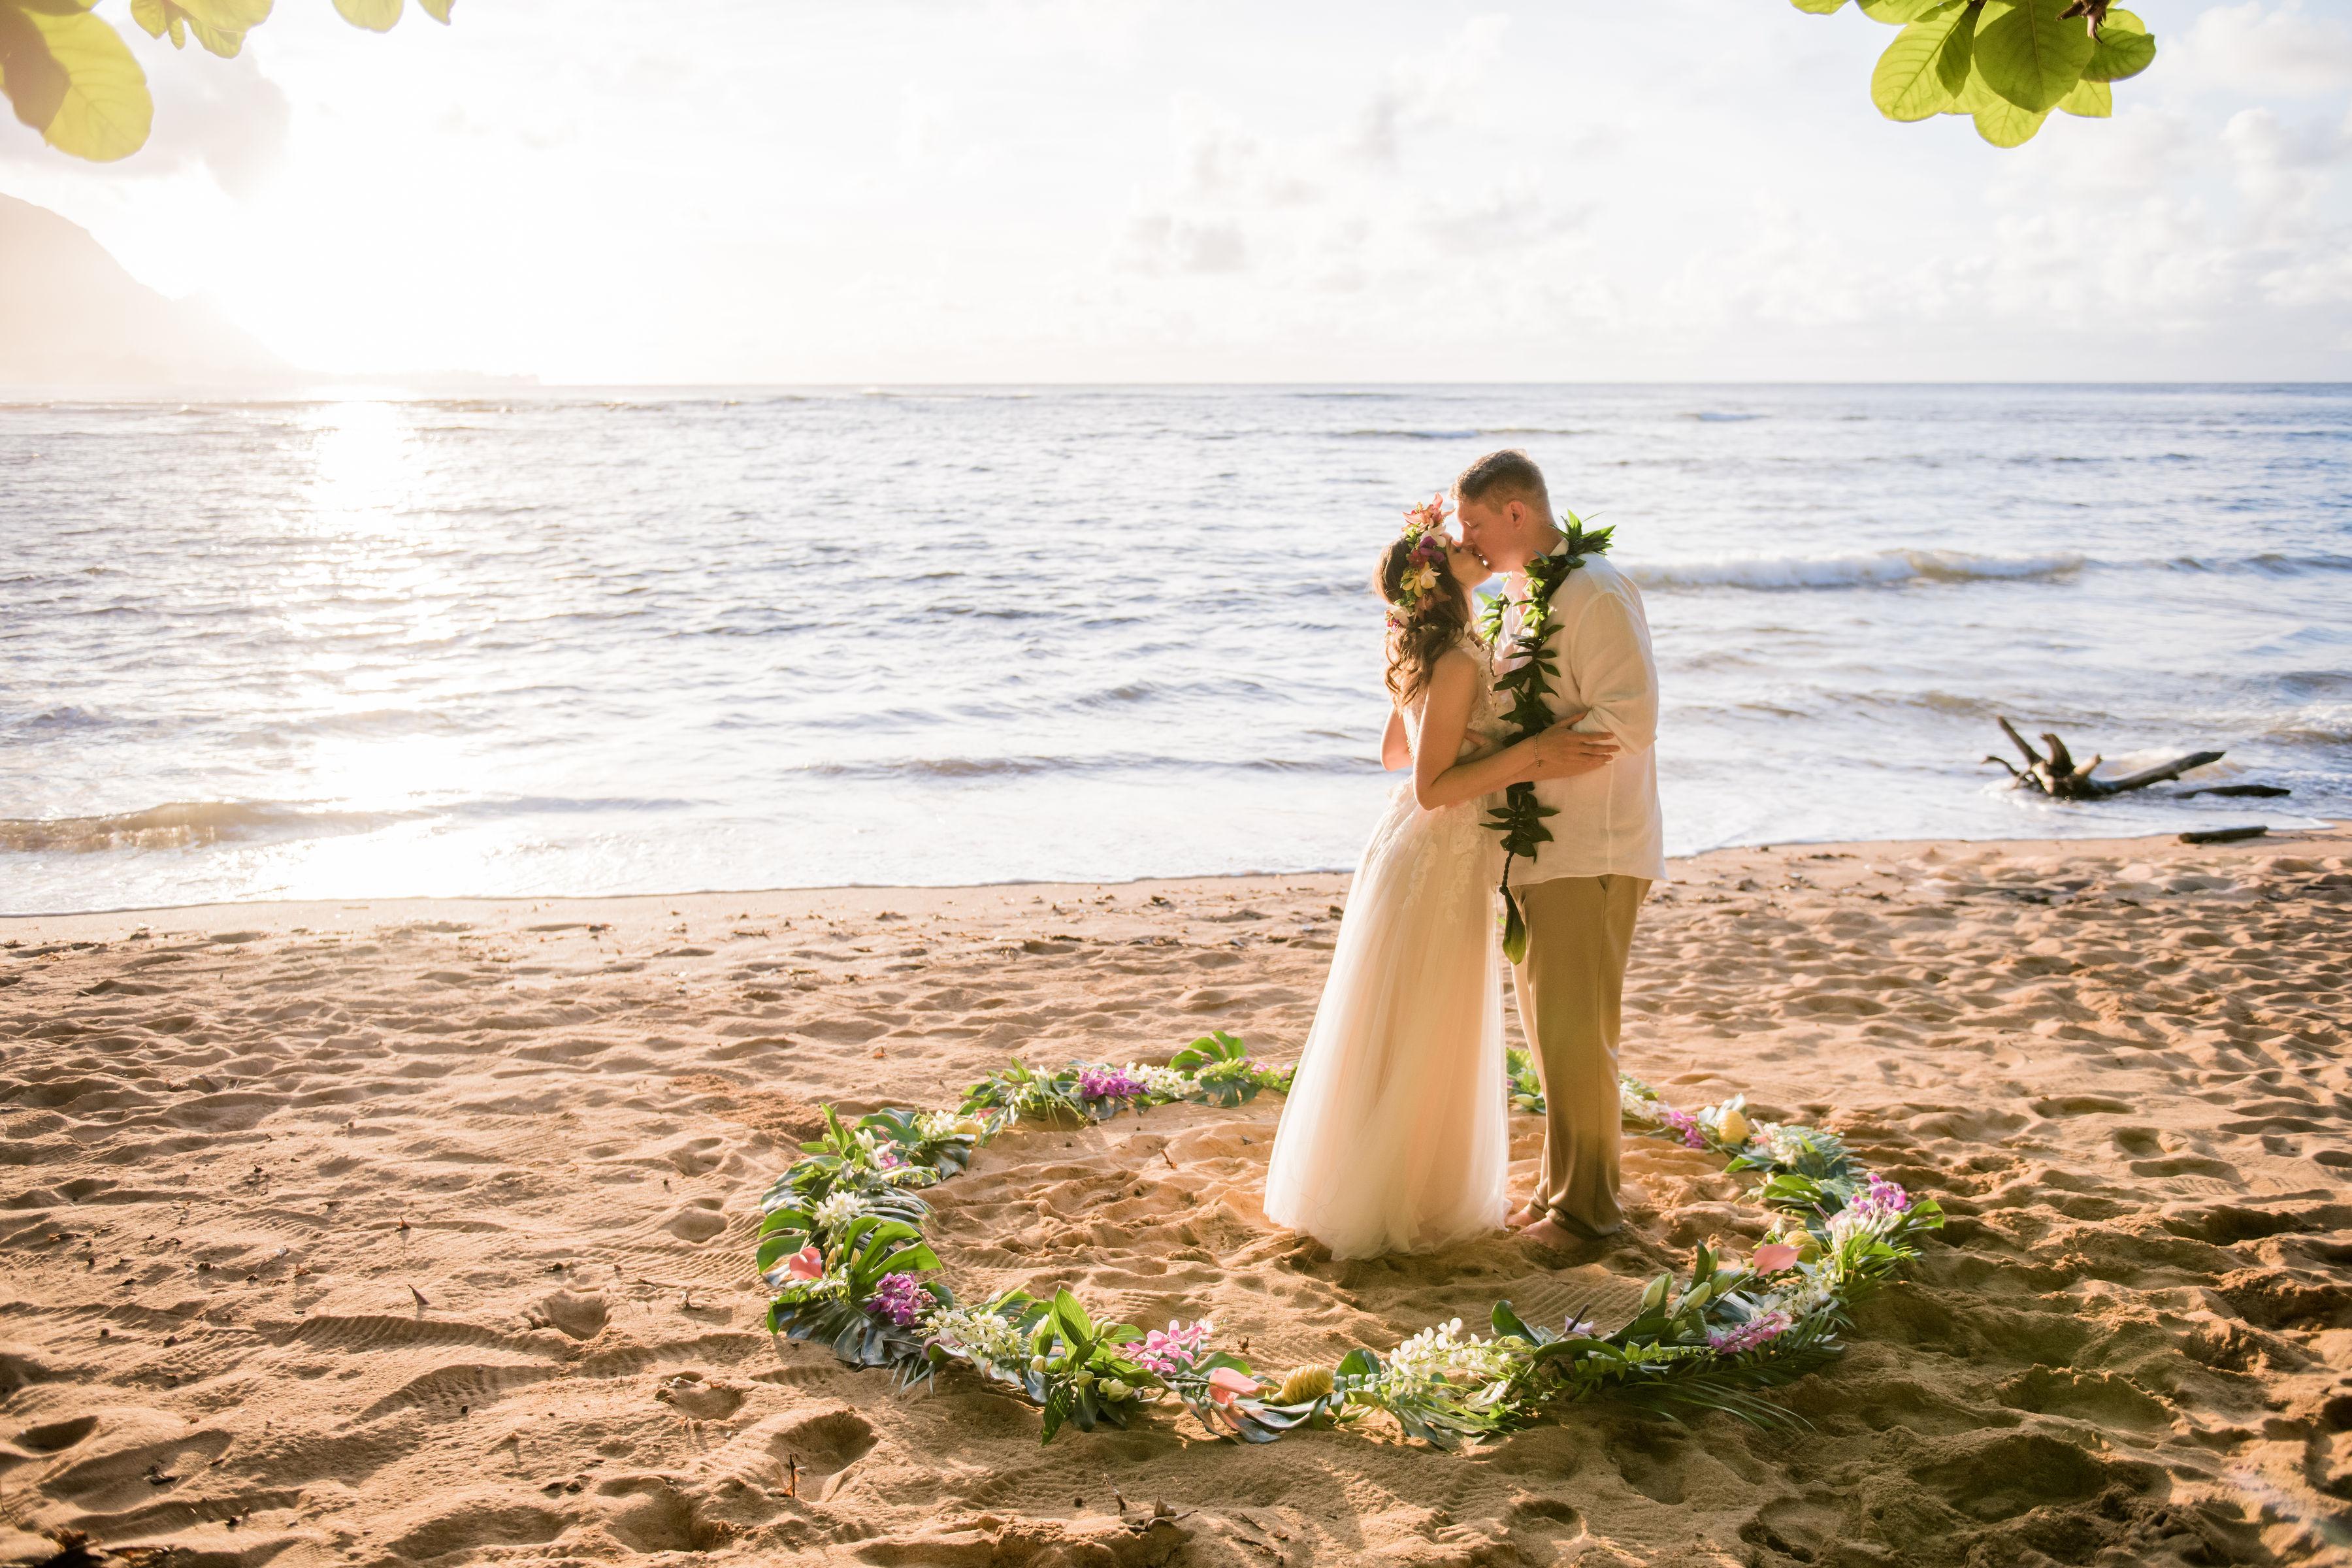 Puu Poa beach wedding on Kauai sunset